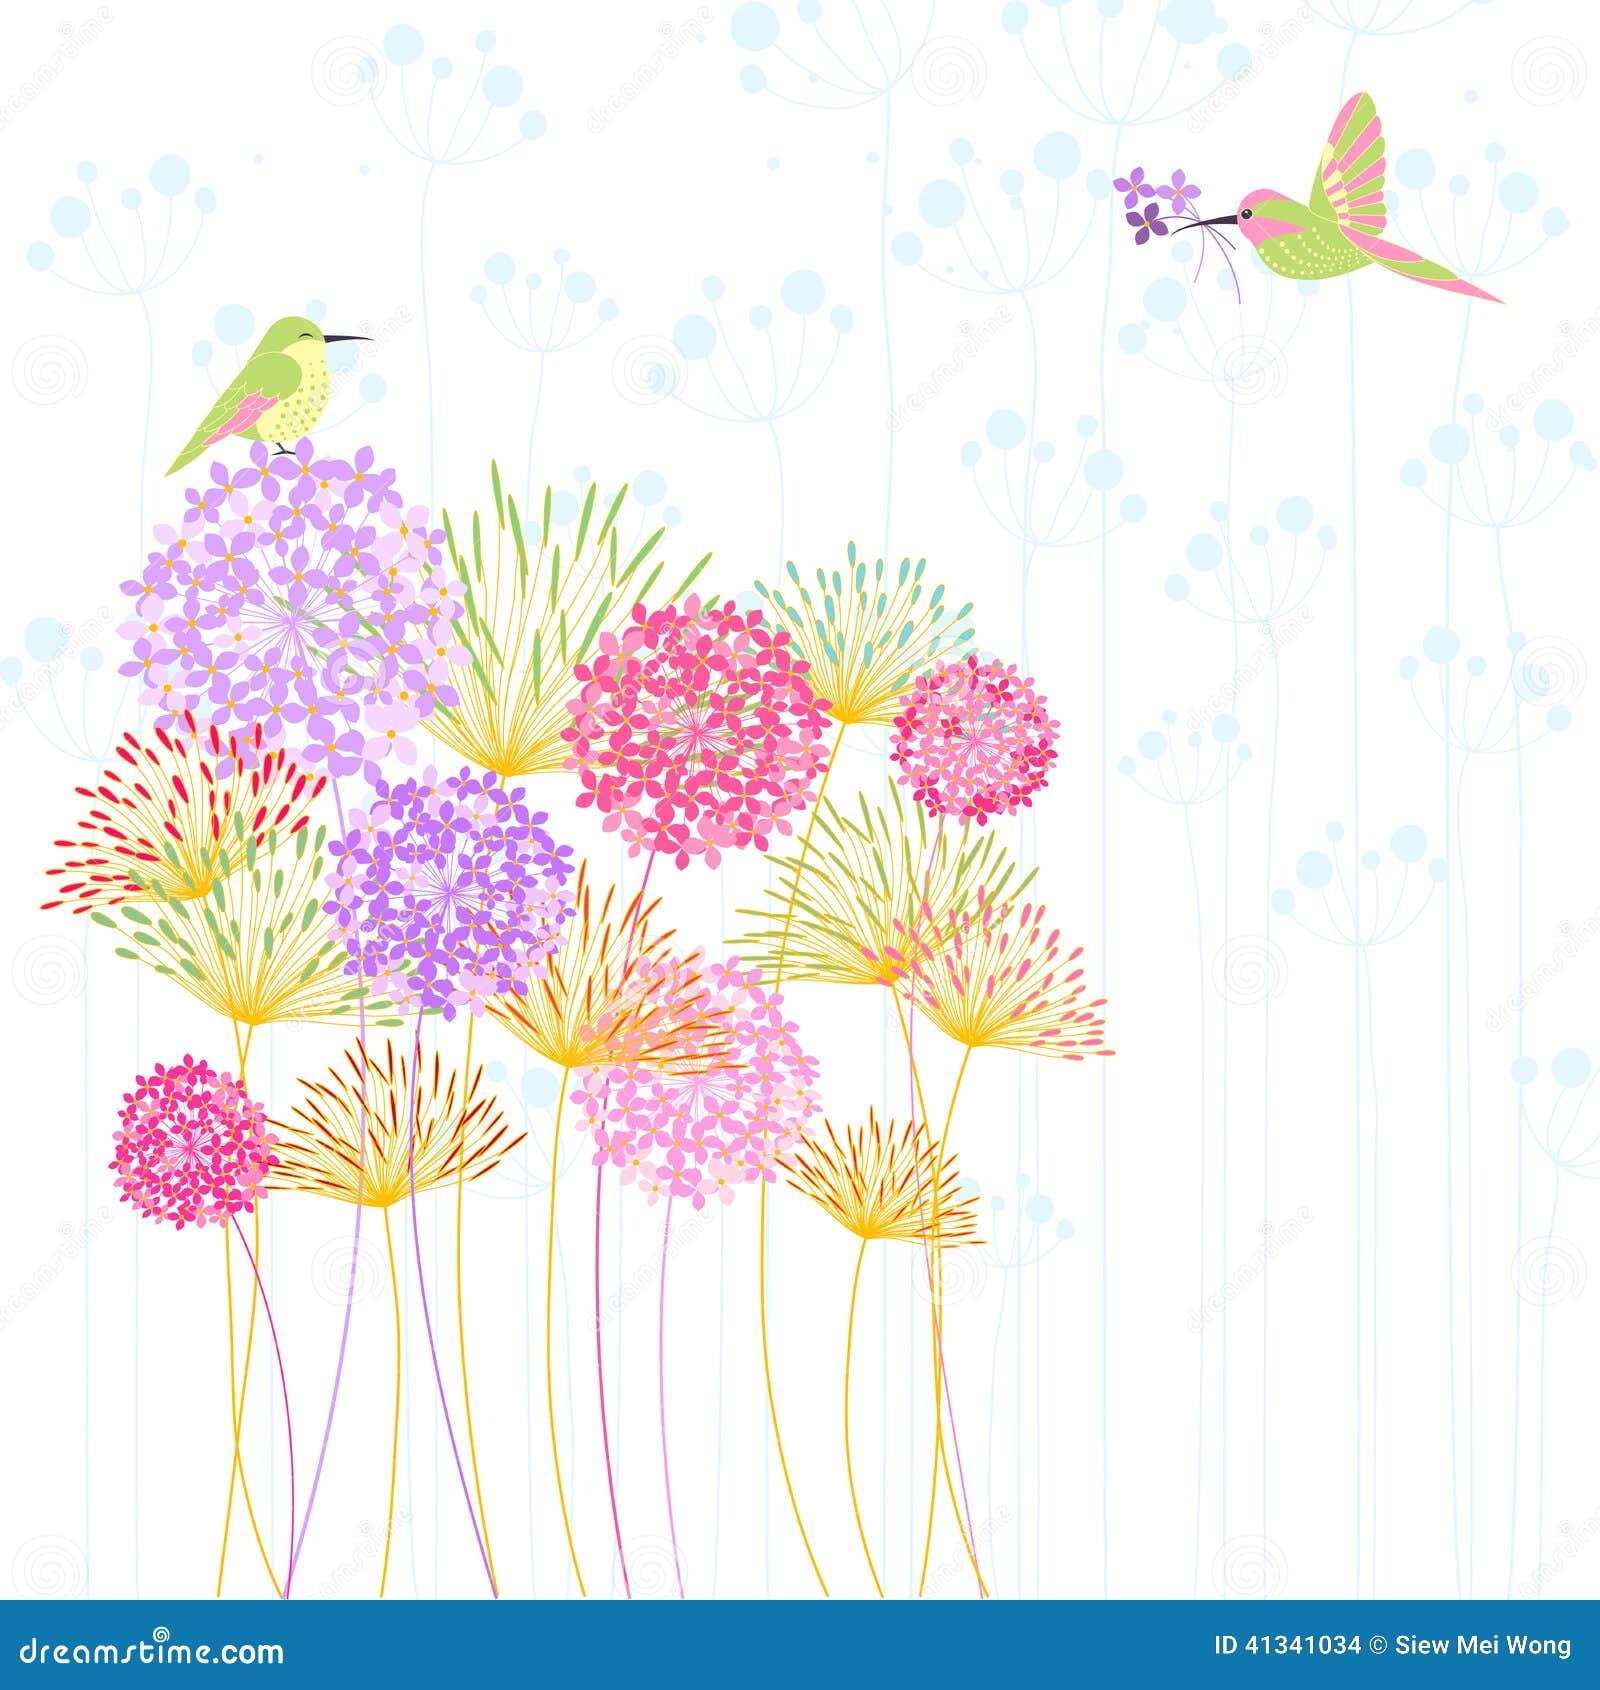 bunte blumen-vogel-gartenfest-einladung vektor abbildung - bild, Einladung